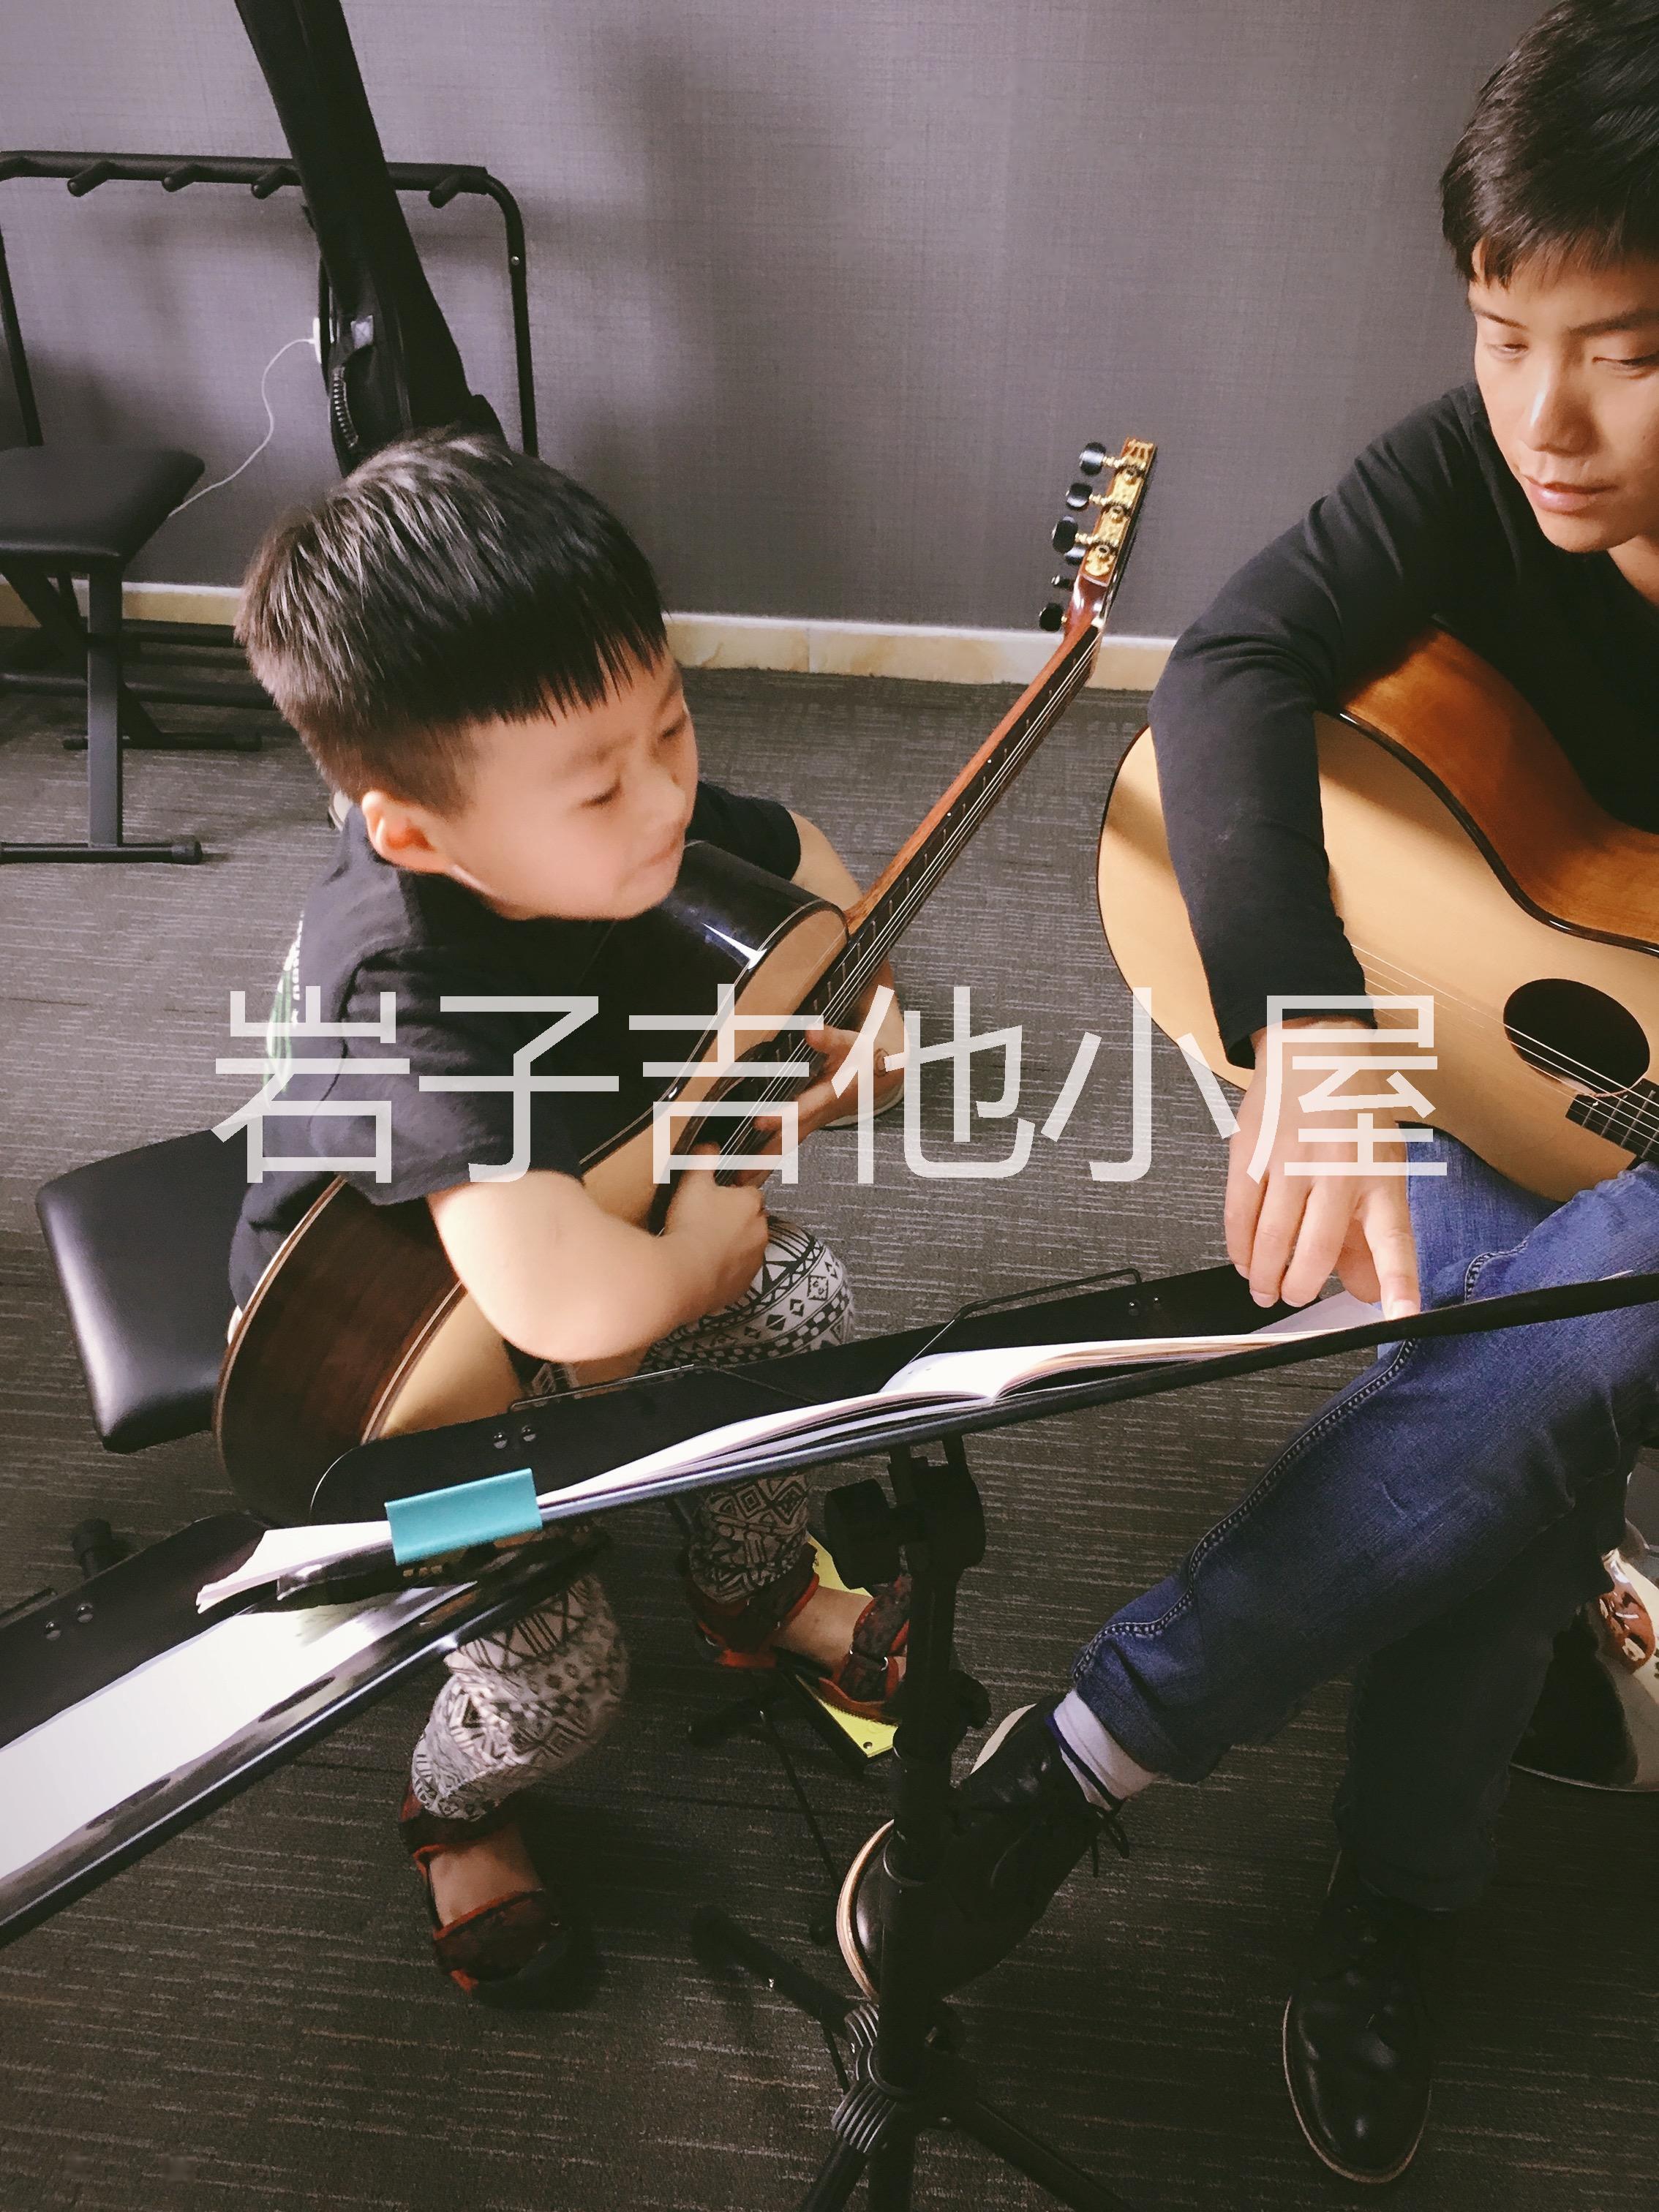 郑州市二七区 郑州市二七区少儿古典吉他专业教学